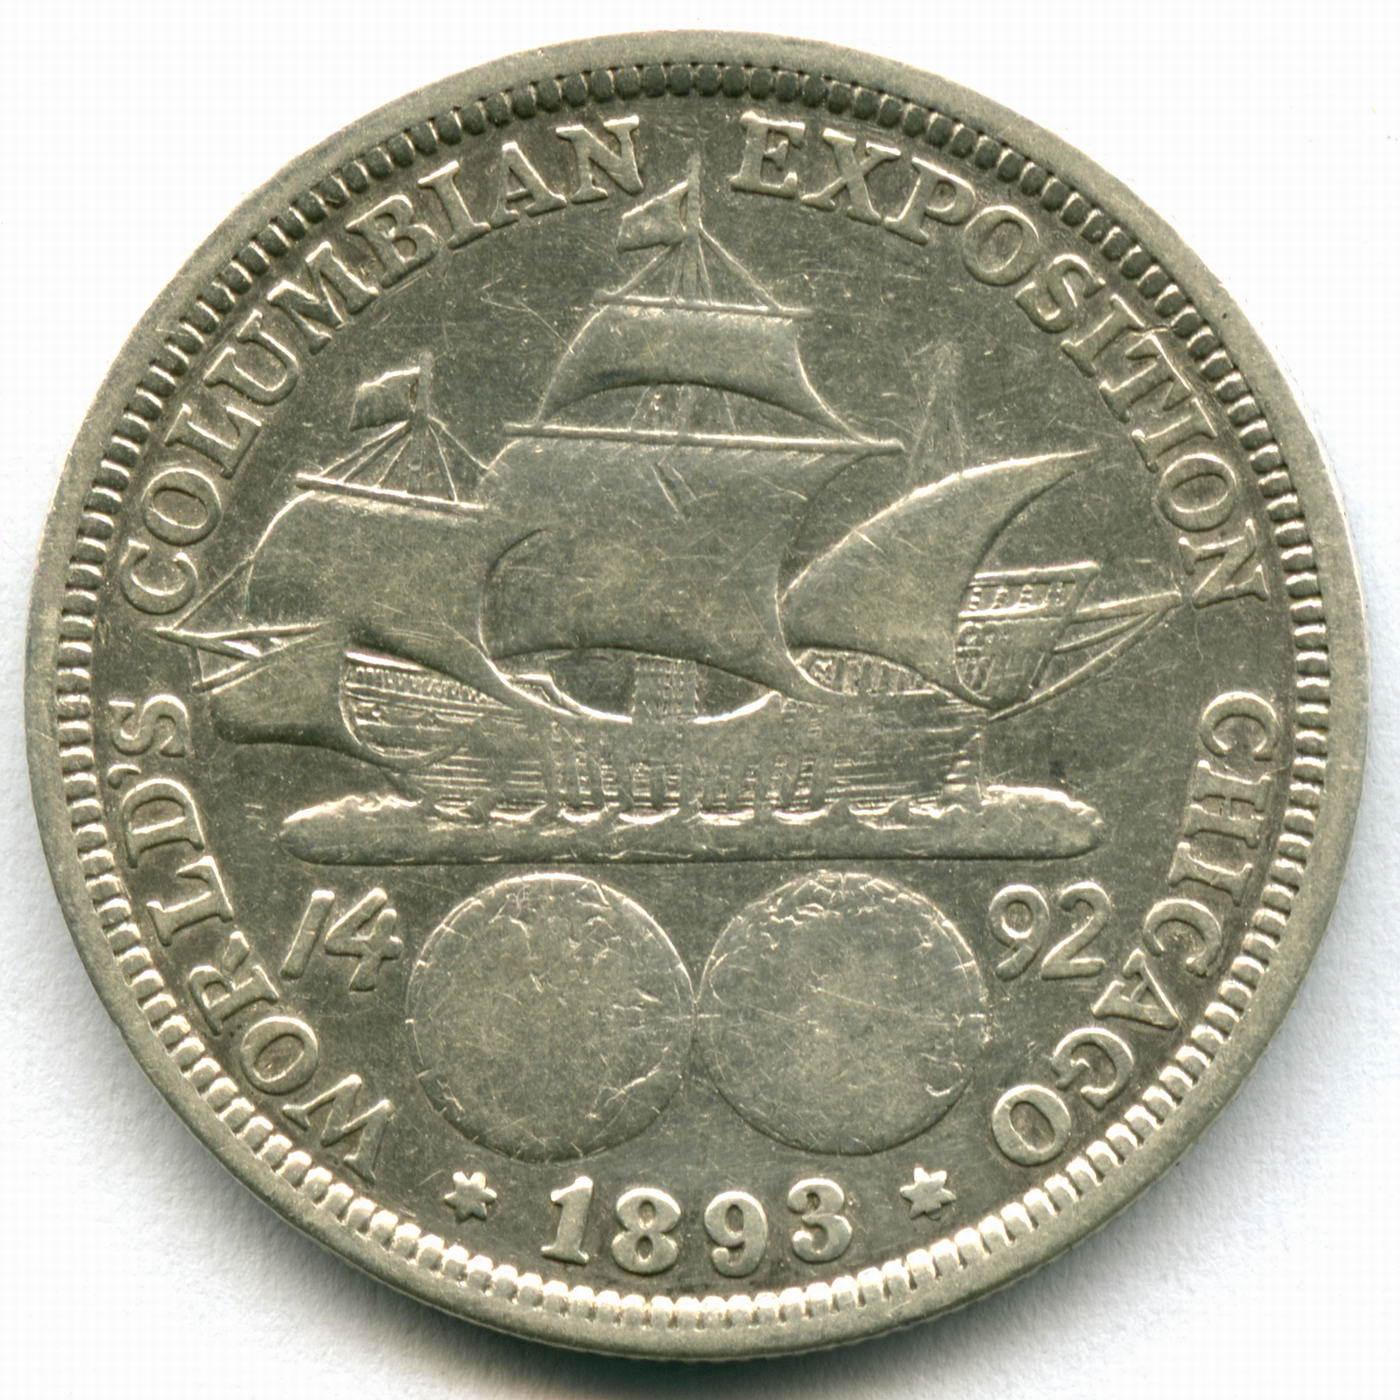 1/2 доллара США 1893 год VF (Колумб)